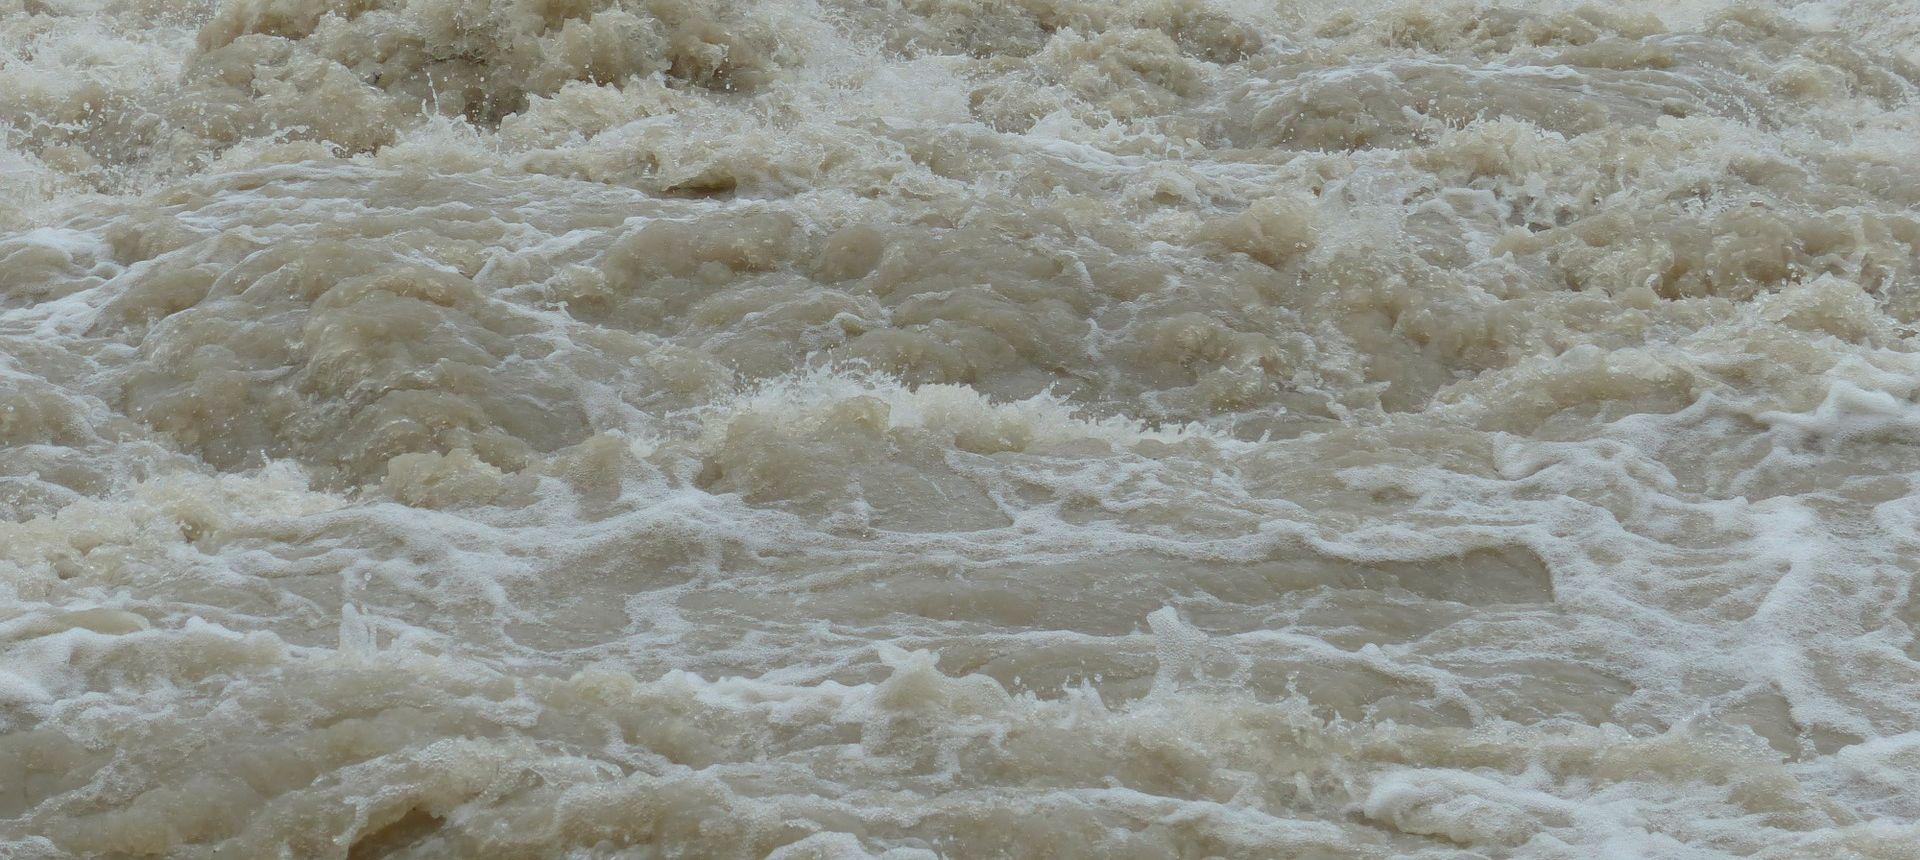 Najmanje 28 mrtvih u olujnim kišama u Pakistanu